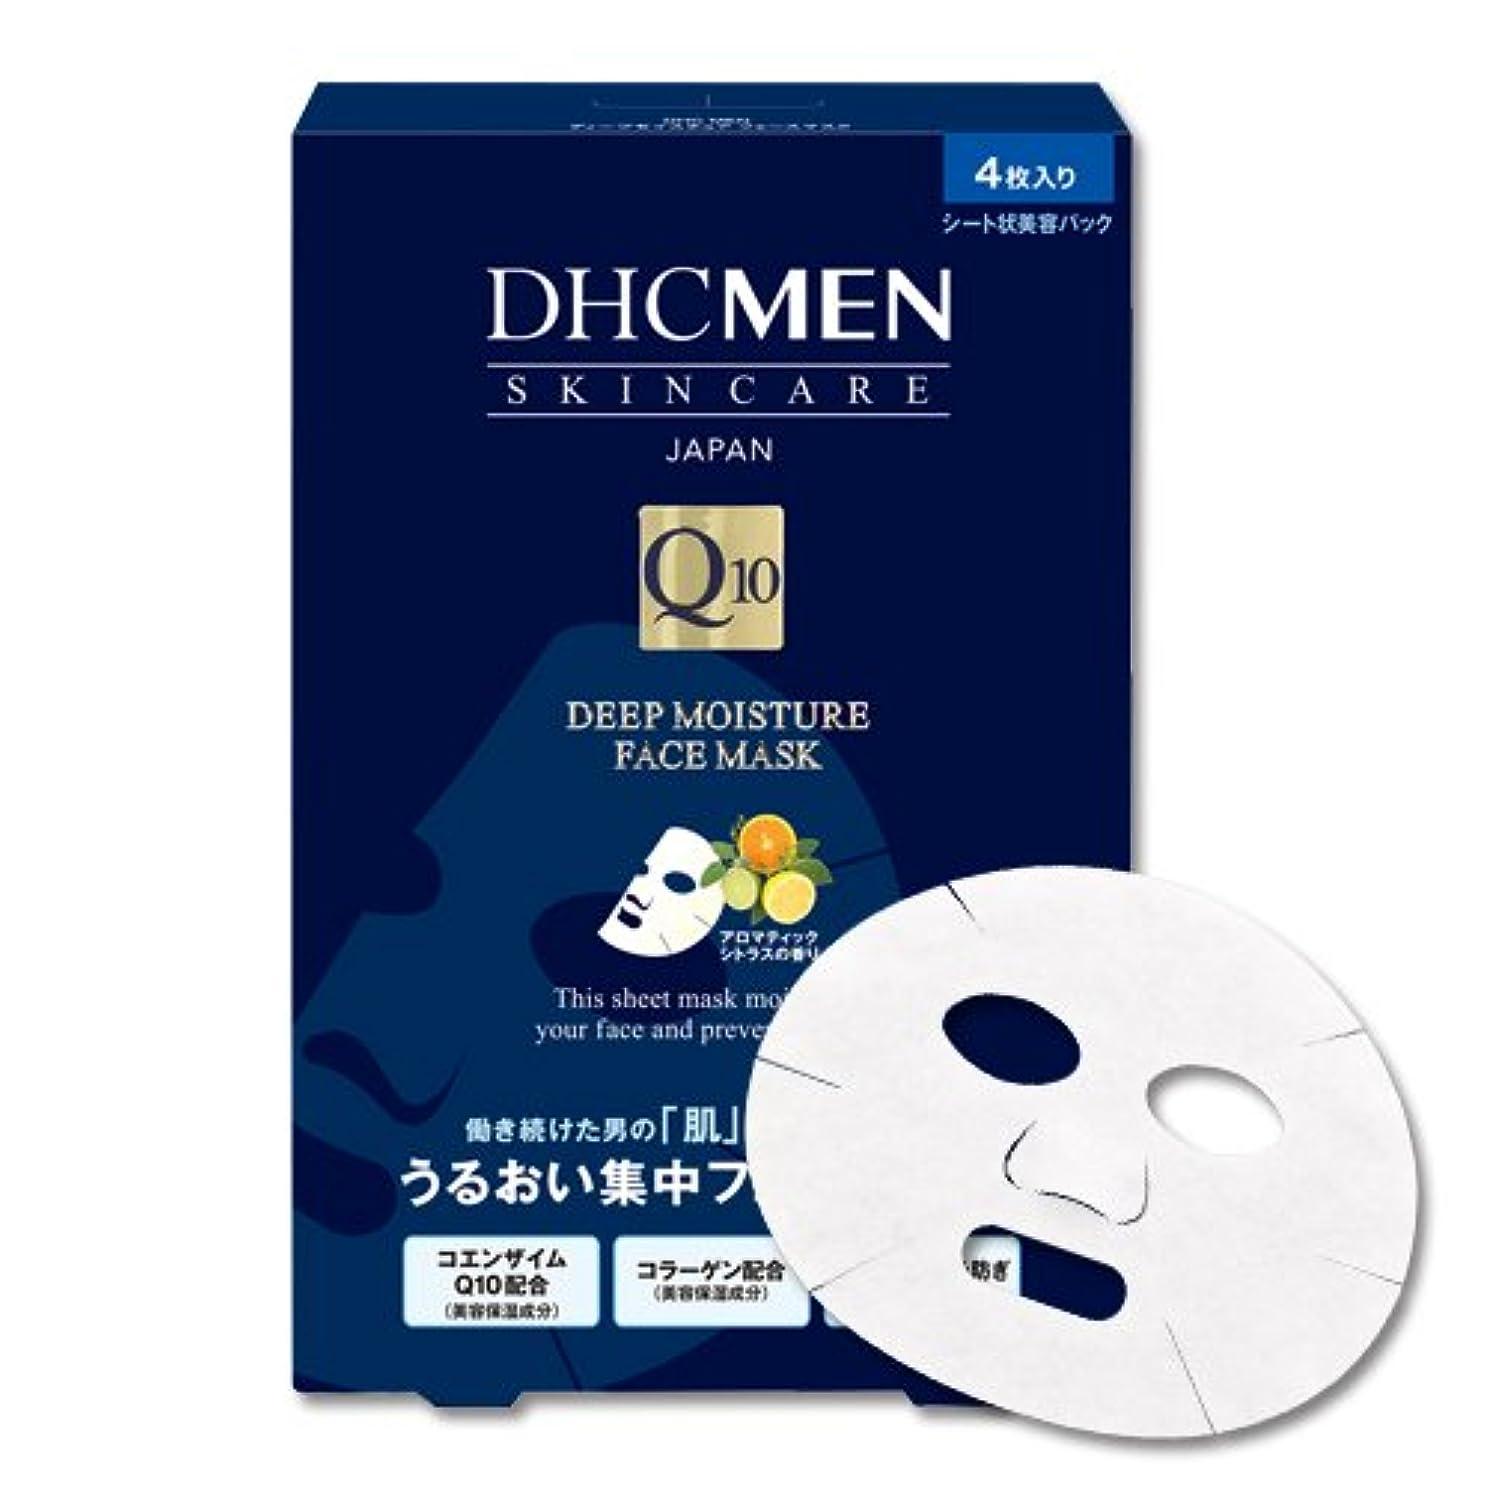 ヒュームソファードラフトDHC MEN ディープモイスチュア フェースマスク